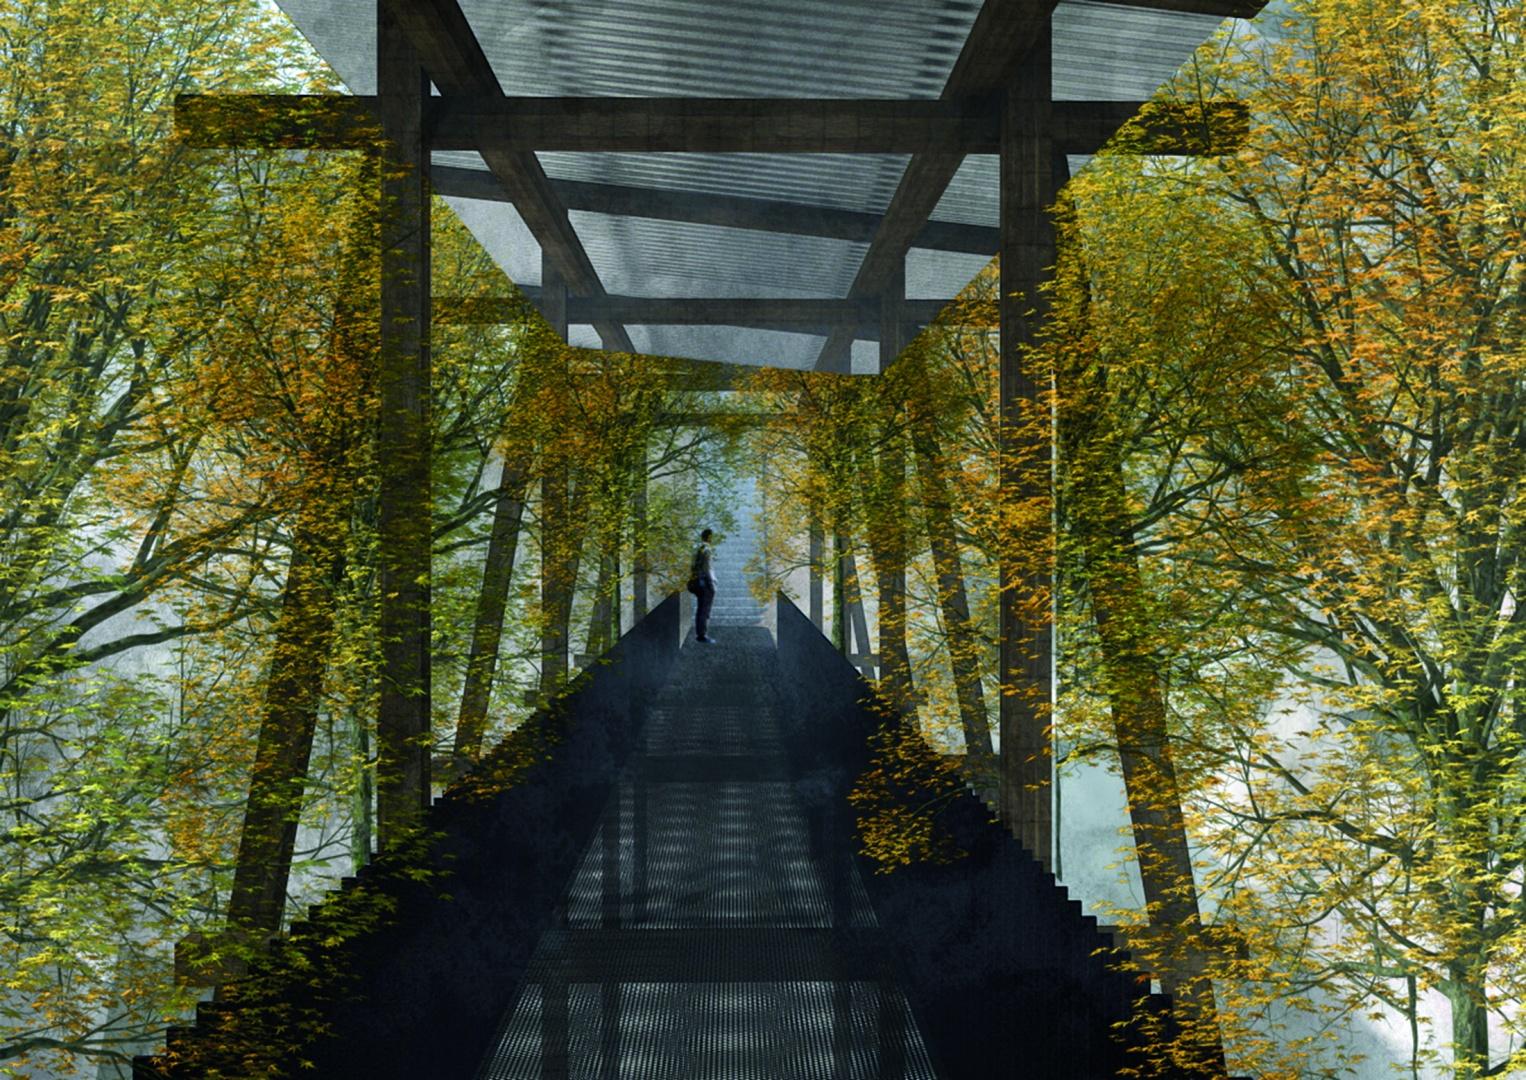 pont ambulant_04 © Davide Vinciguerra